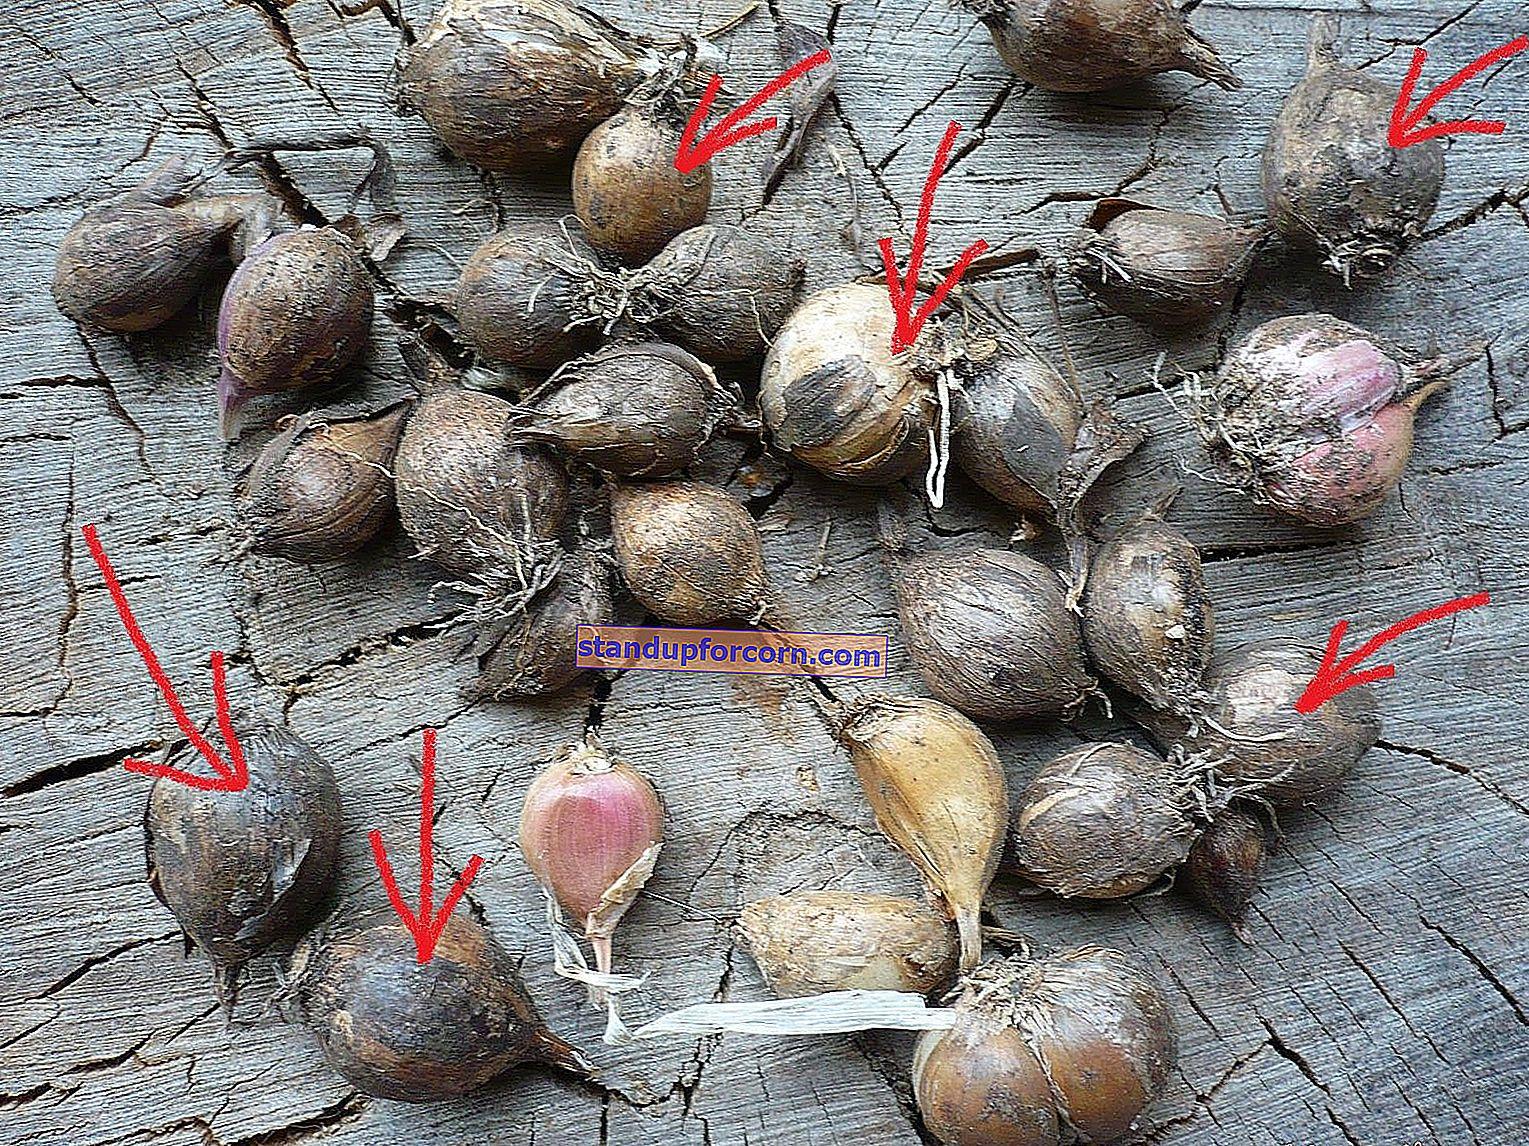 Koristeellinen valkosipuli - viljely, lajikkeet, istutus